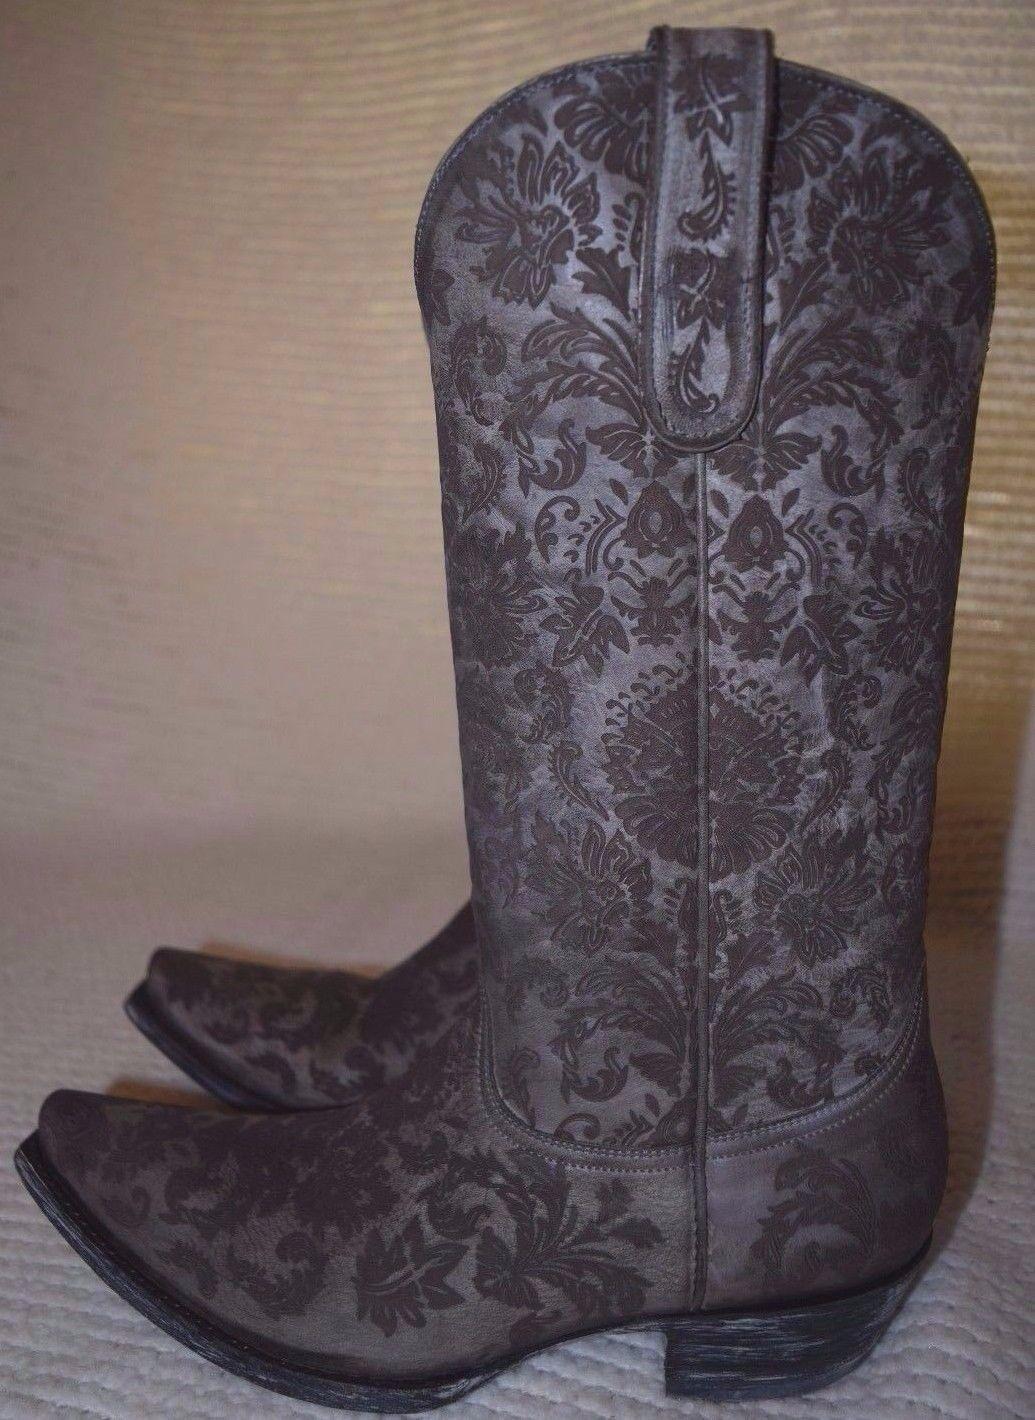 Para Mujer Old Old Old Gringo Nadia Furia Cowboy / Western Botas Estilo l16421 Corte Láser ddb4c7